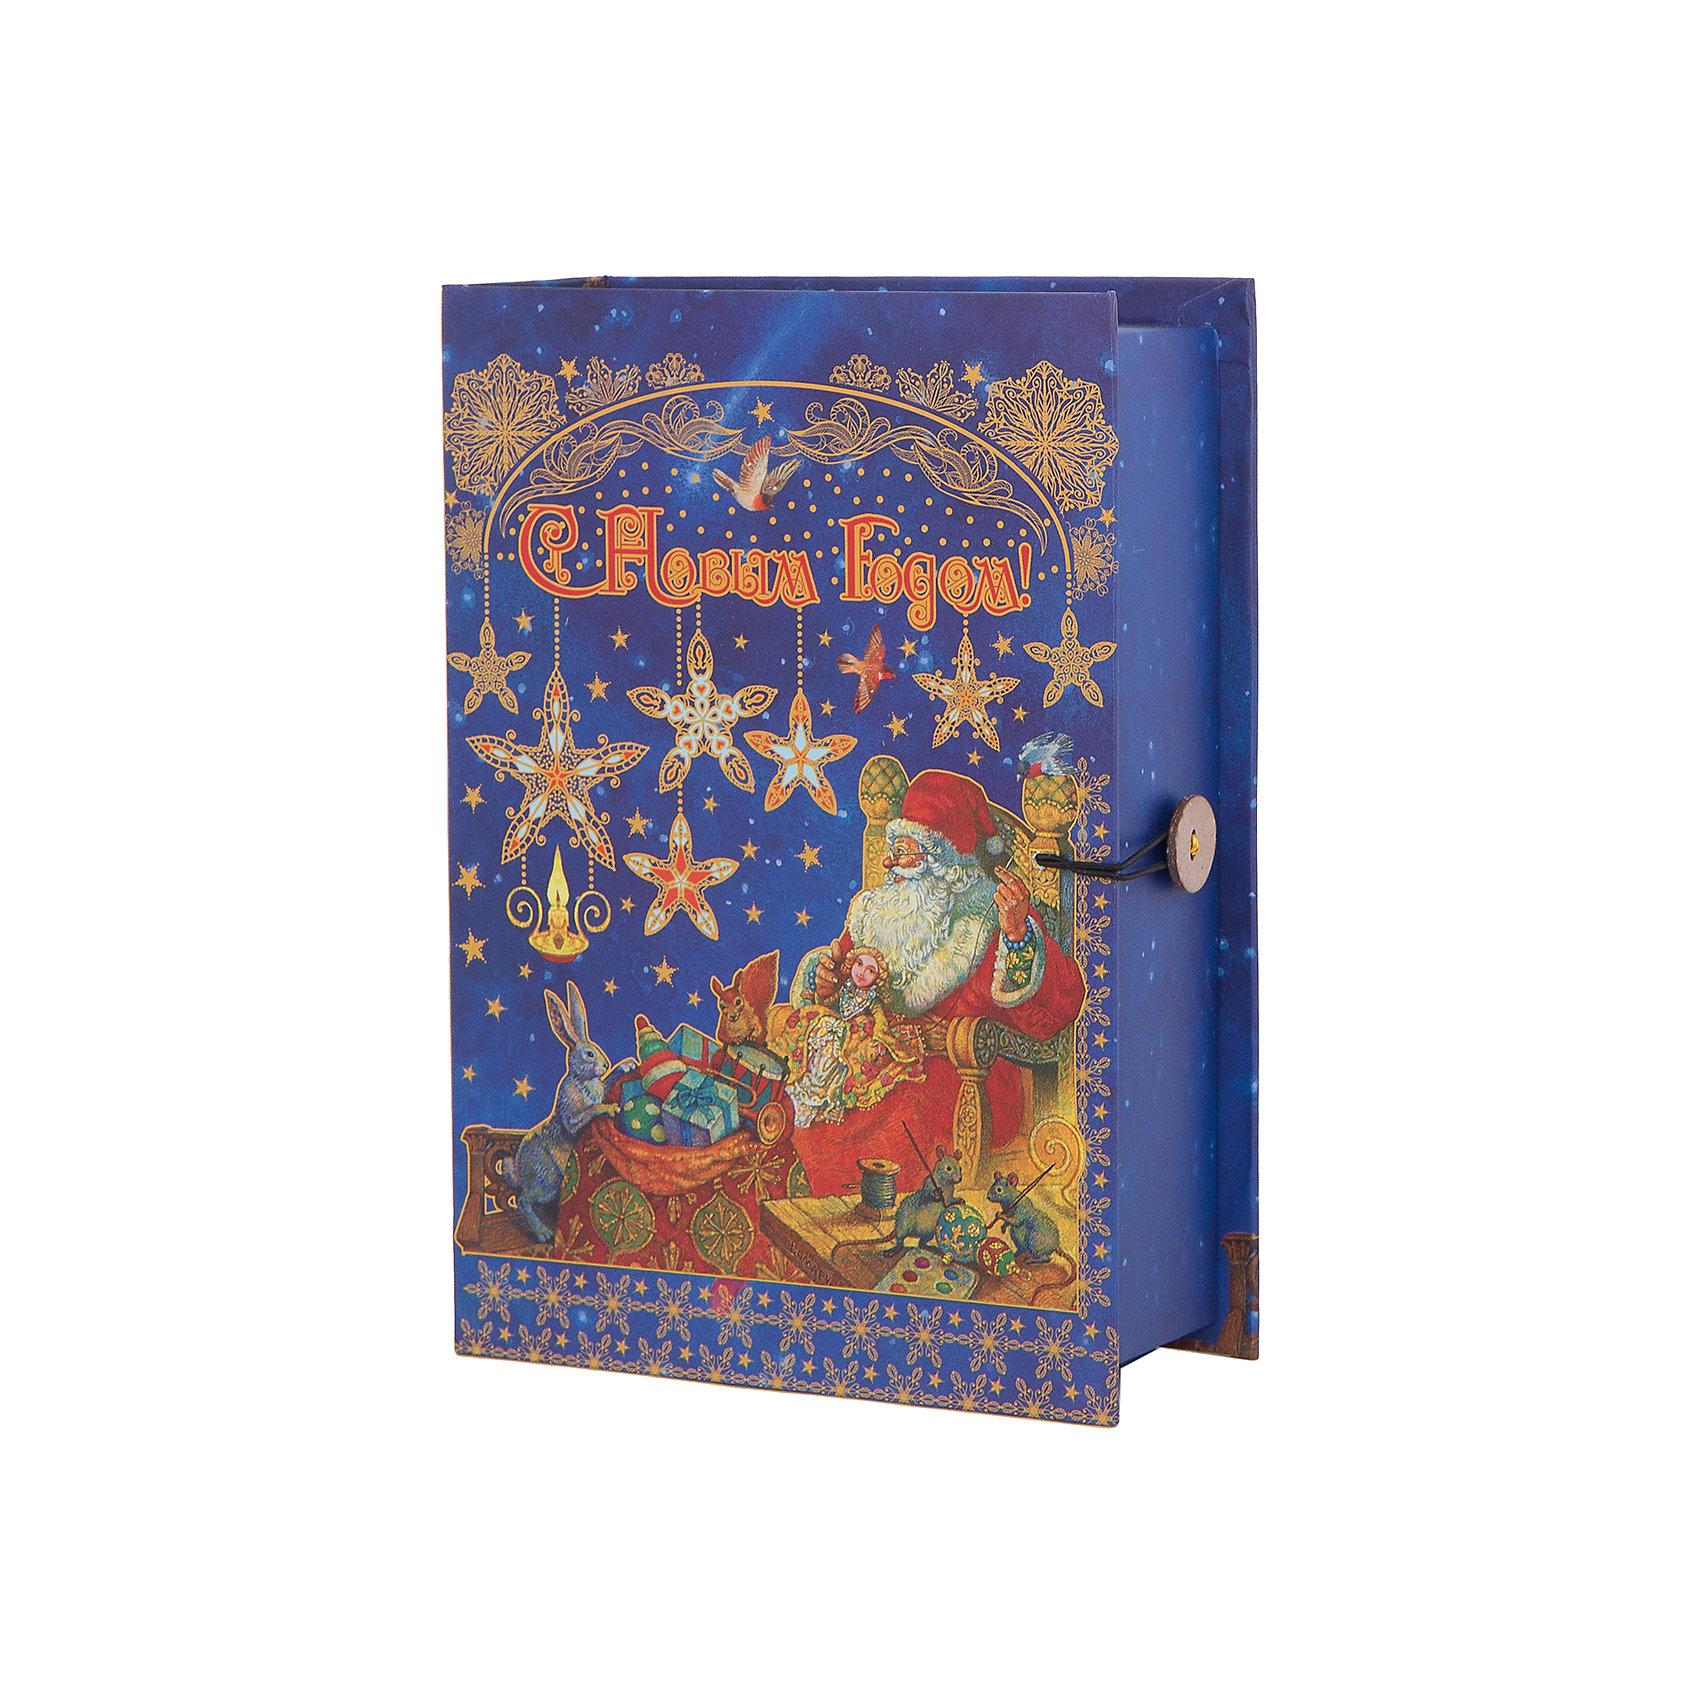 Подарочная коробка Мастерская Деда Мороза 20*14*6 смВсё для праздника<br>Подарочная коробка Мастерская Деда Мороза 20 * 14 * 6 см - впустите атмосферу зимы и праздников в ваш дом! С этой подарочной коробкой так весело наряжать подарки и радовать близких. Картонная коробка выглядит как книга и имеет яркую обложку с цветными рисунками деда Мороза, собирающего подарки вместе с маленькими зверятами. На корешке изображены ажурные золотые узоры праздничном ночном фоне со звездочками и снежинками. На лицевой стороне коробки изображена надпись «С Новым Годом», она закрывается на небольшой эластичный шнурок и пуговичку. Устройте сюрприз вашим близким!<br>Дополнительная информация:<br><br>- Размер: 20 * 14 * 6 см.<br>- Материал: картон плотностью 1100 г/м2<br>Подарочную коробку Мастерская Деда Мороза 20 * 14 * 6 см можно купить в нашем интернет-магазине.<br>Подробнее:<br>• Для детей в возрасте: от 3 лет<br>• Номер товара: 4981488<br>Страна производитель: Китай<br><br>Ширина мм: 200<br>Глубина мм: 140<br>Высота мм: 60<br>Вес г: 330<br>Возраст от месяцев: 36<br>Возраст до месяцев: 2147483647<br>Пол: Унисекс<br>Возраст: Детский<br>SKU: 4981488